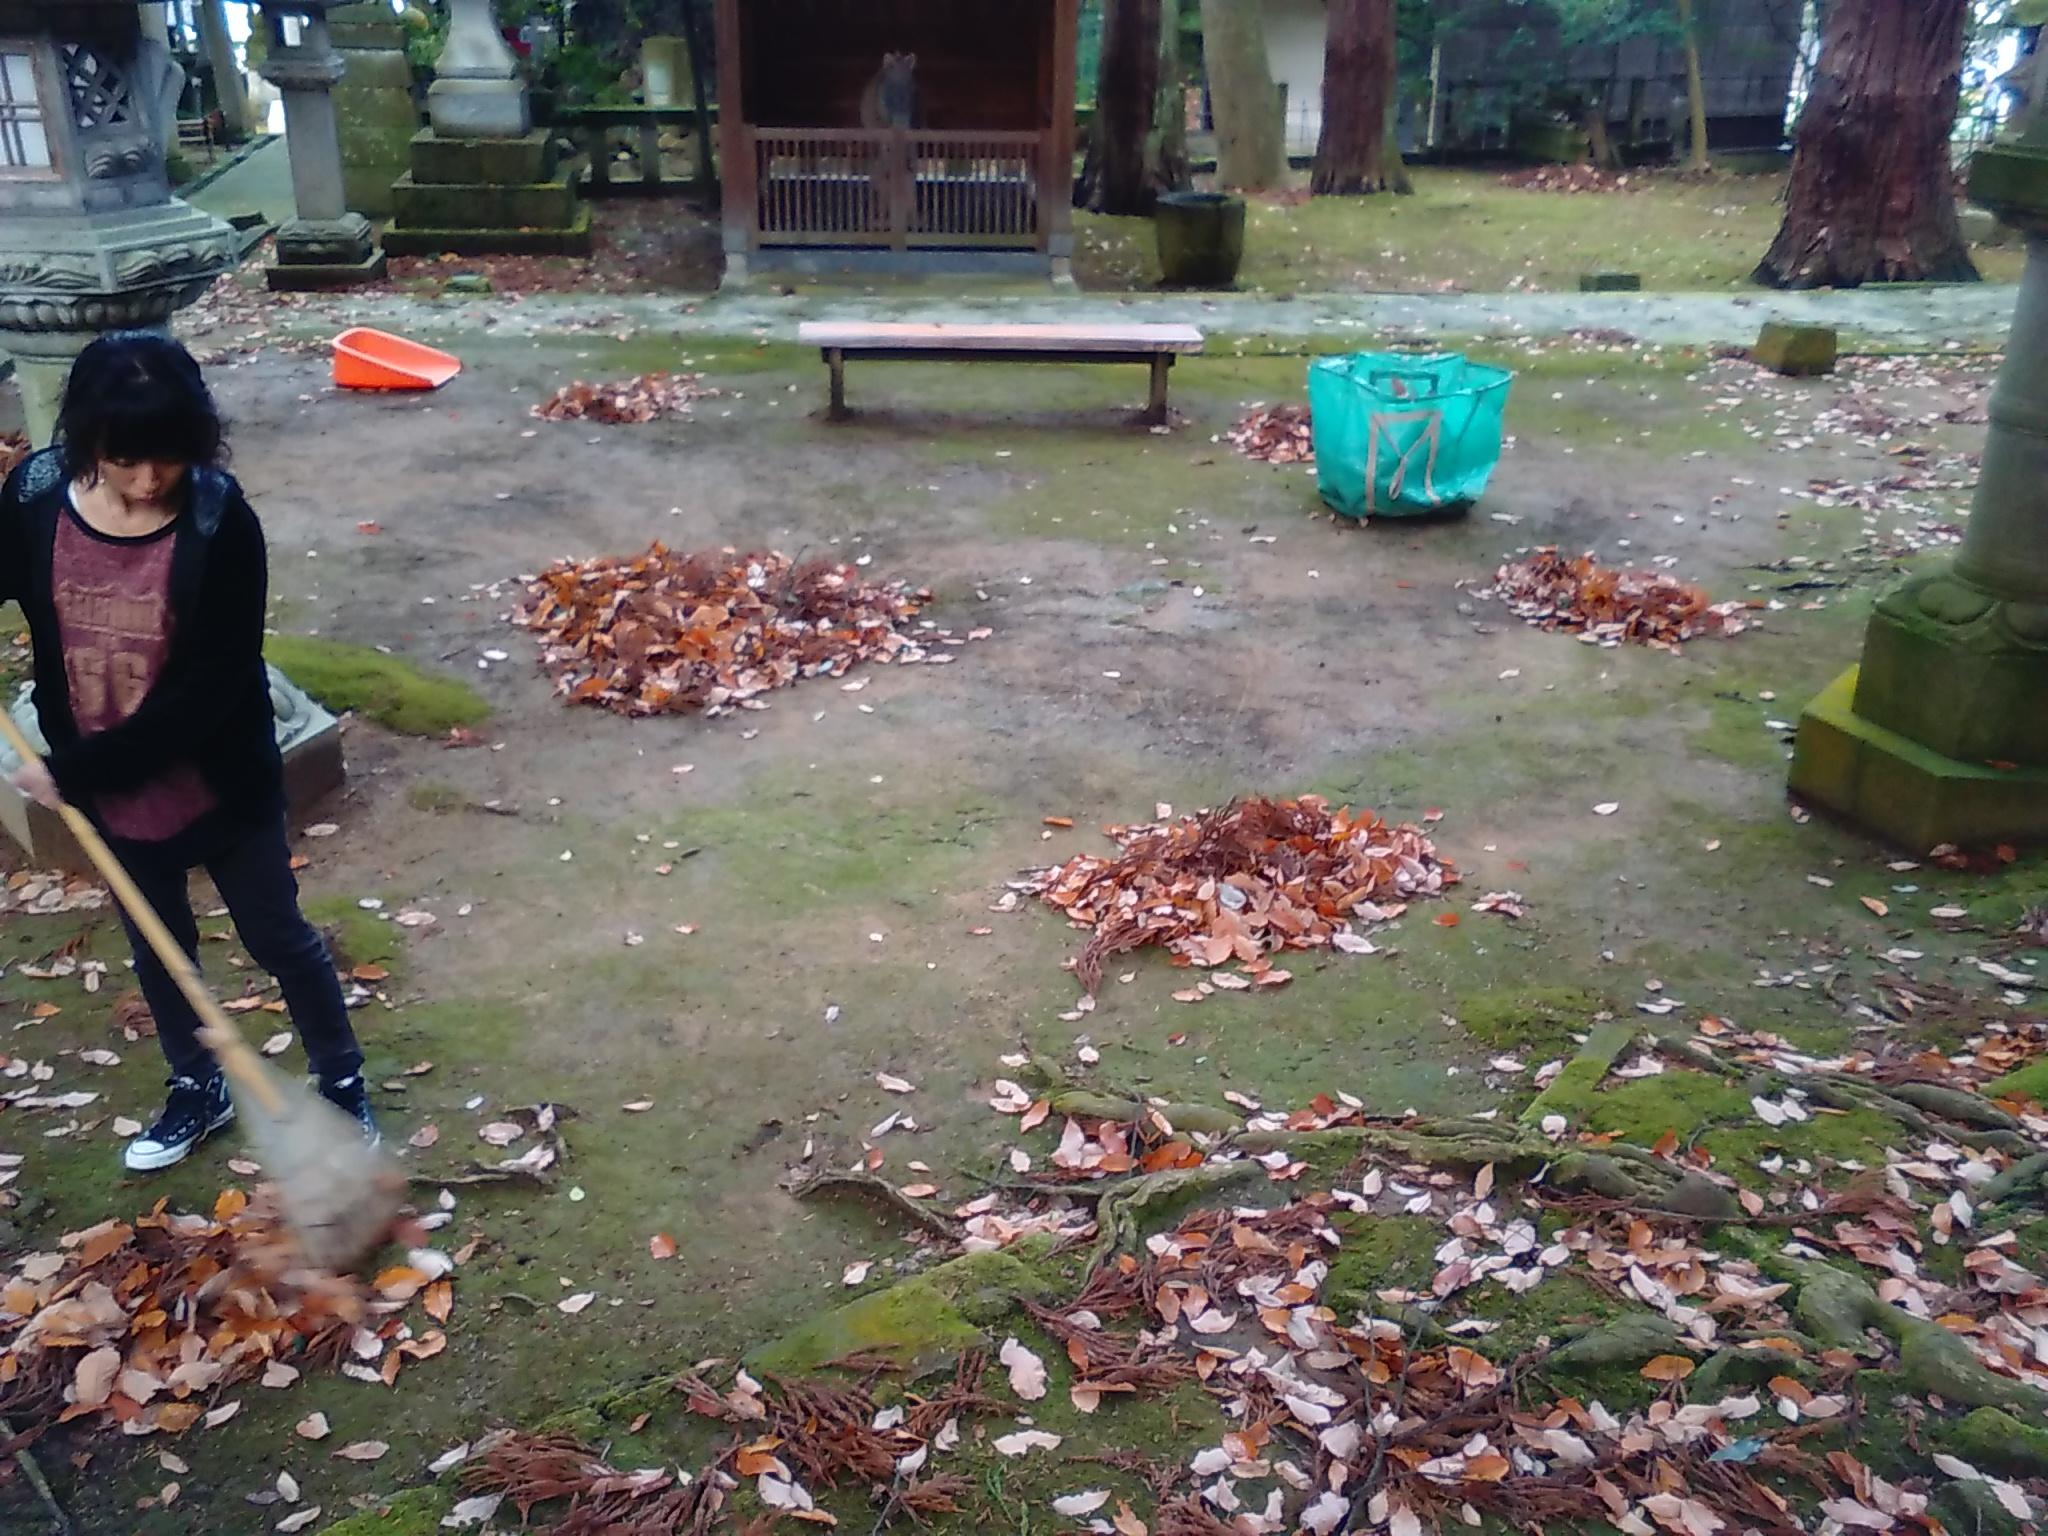 2015年12月13日狭野神社禊カフェ落ち葉を集めている3